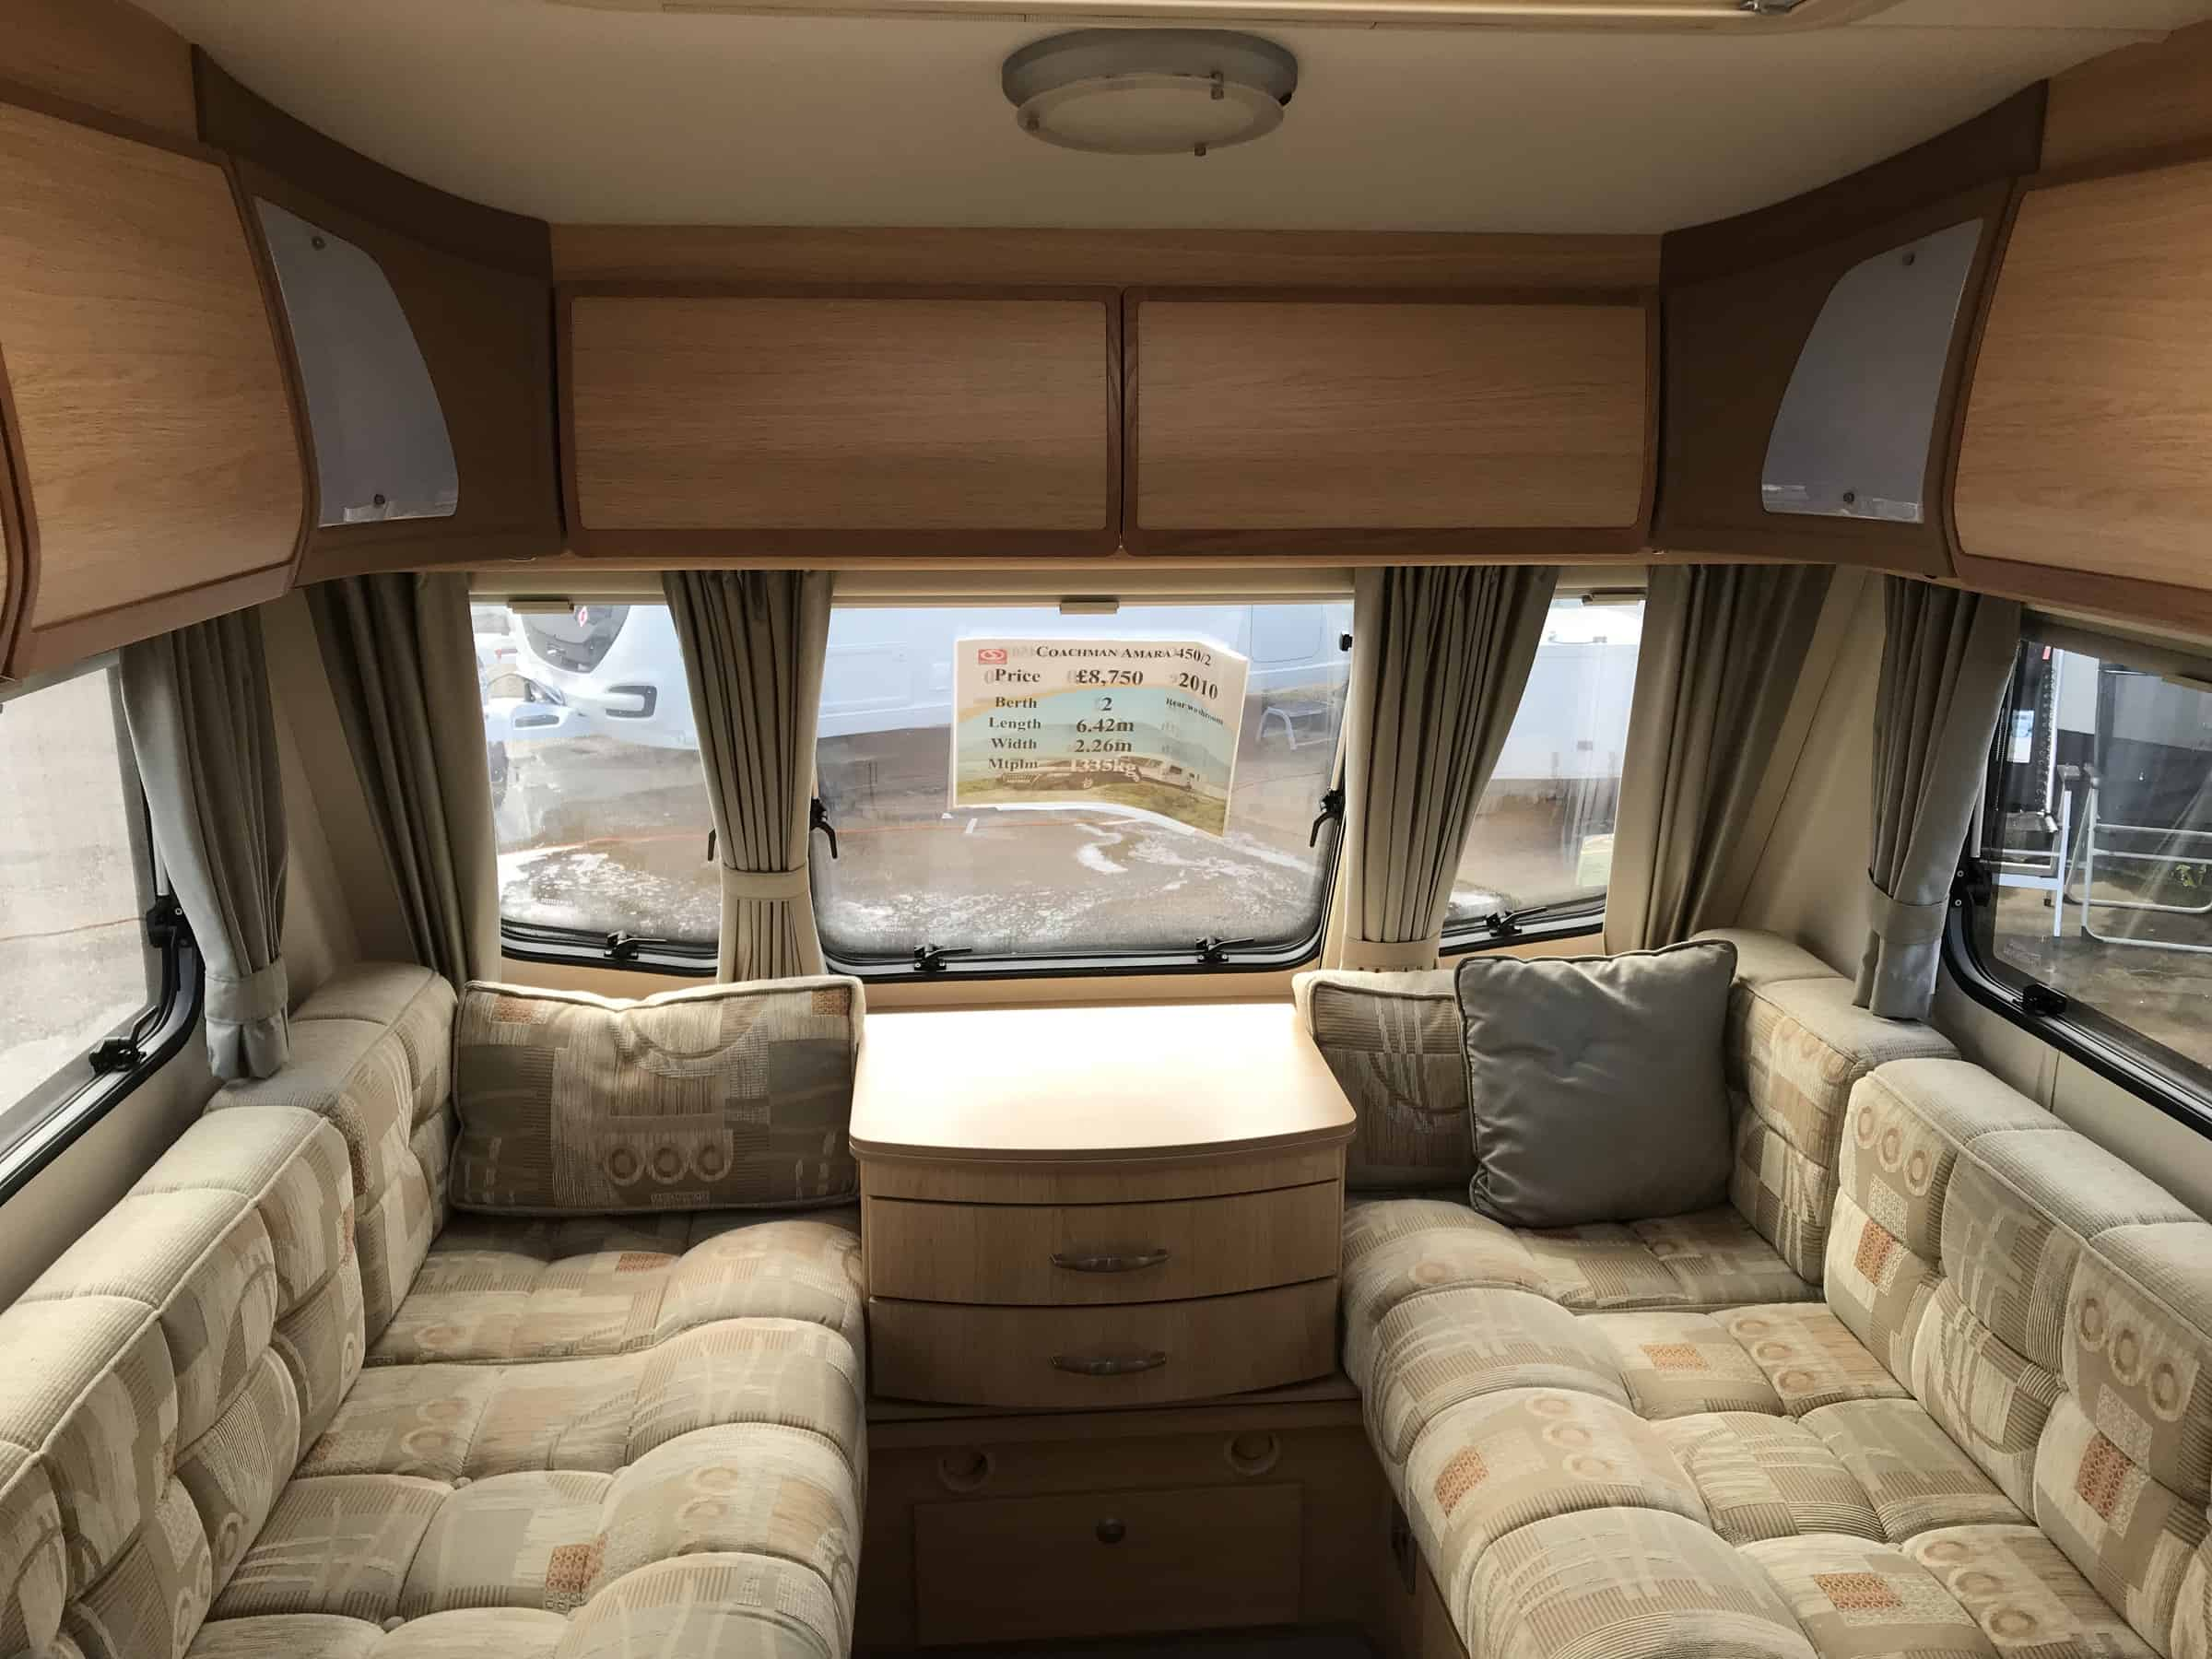 Coachman Amara 450-2 2010 North Western Caravans